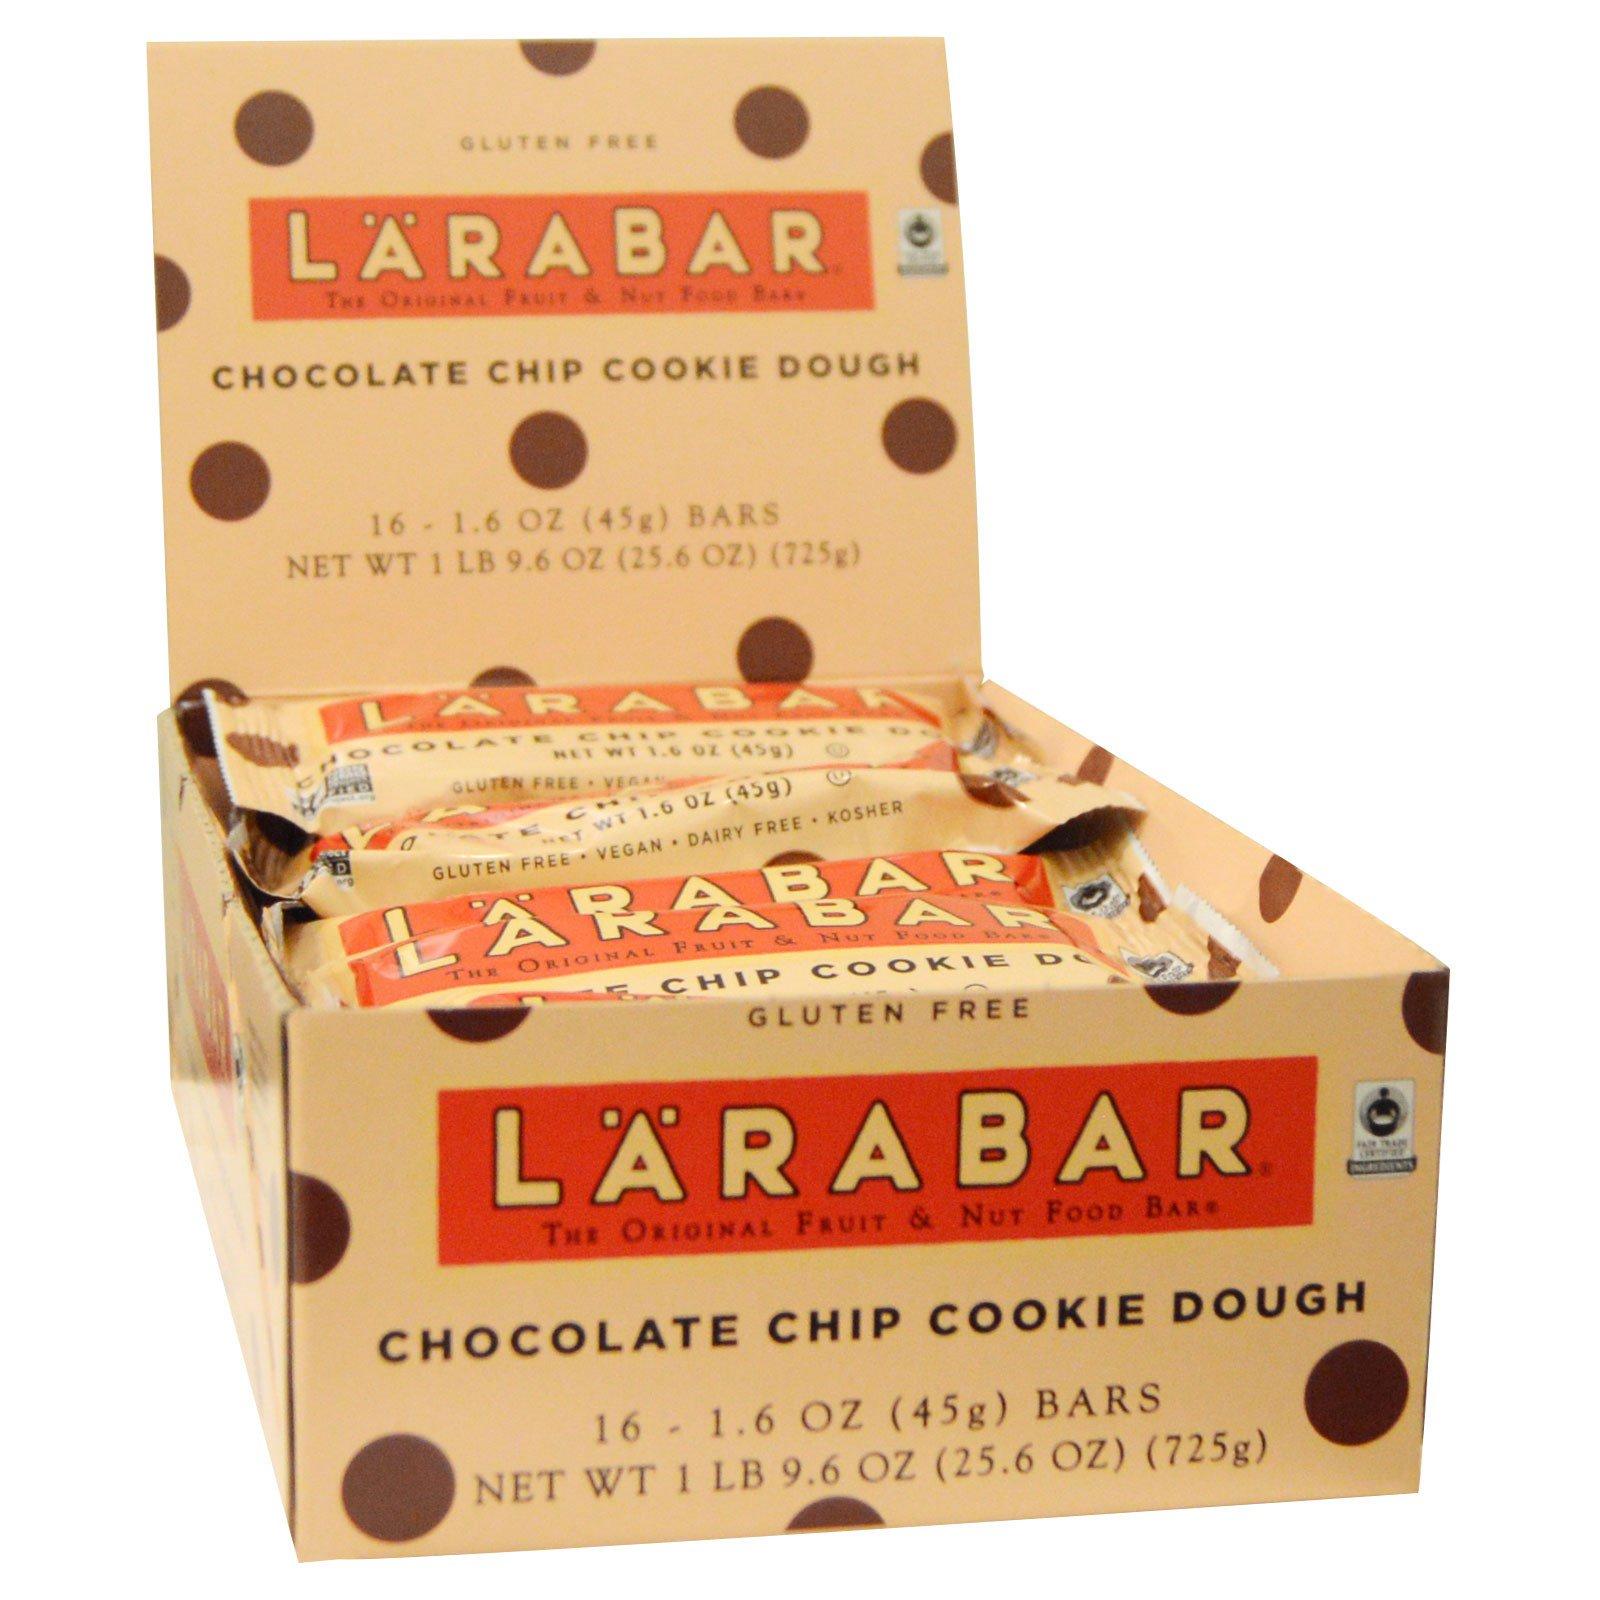 Larabar, Батончики с шоколадной крошкой  Cookie Dough, 16 батончиков, 1.6 унций (45 г) каждый